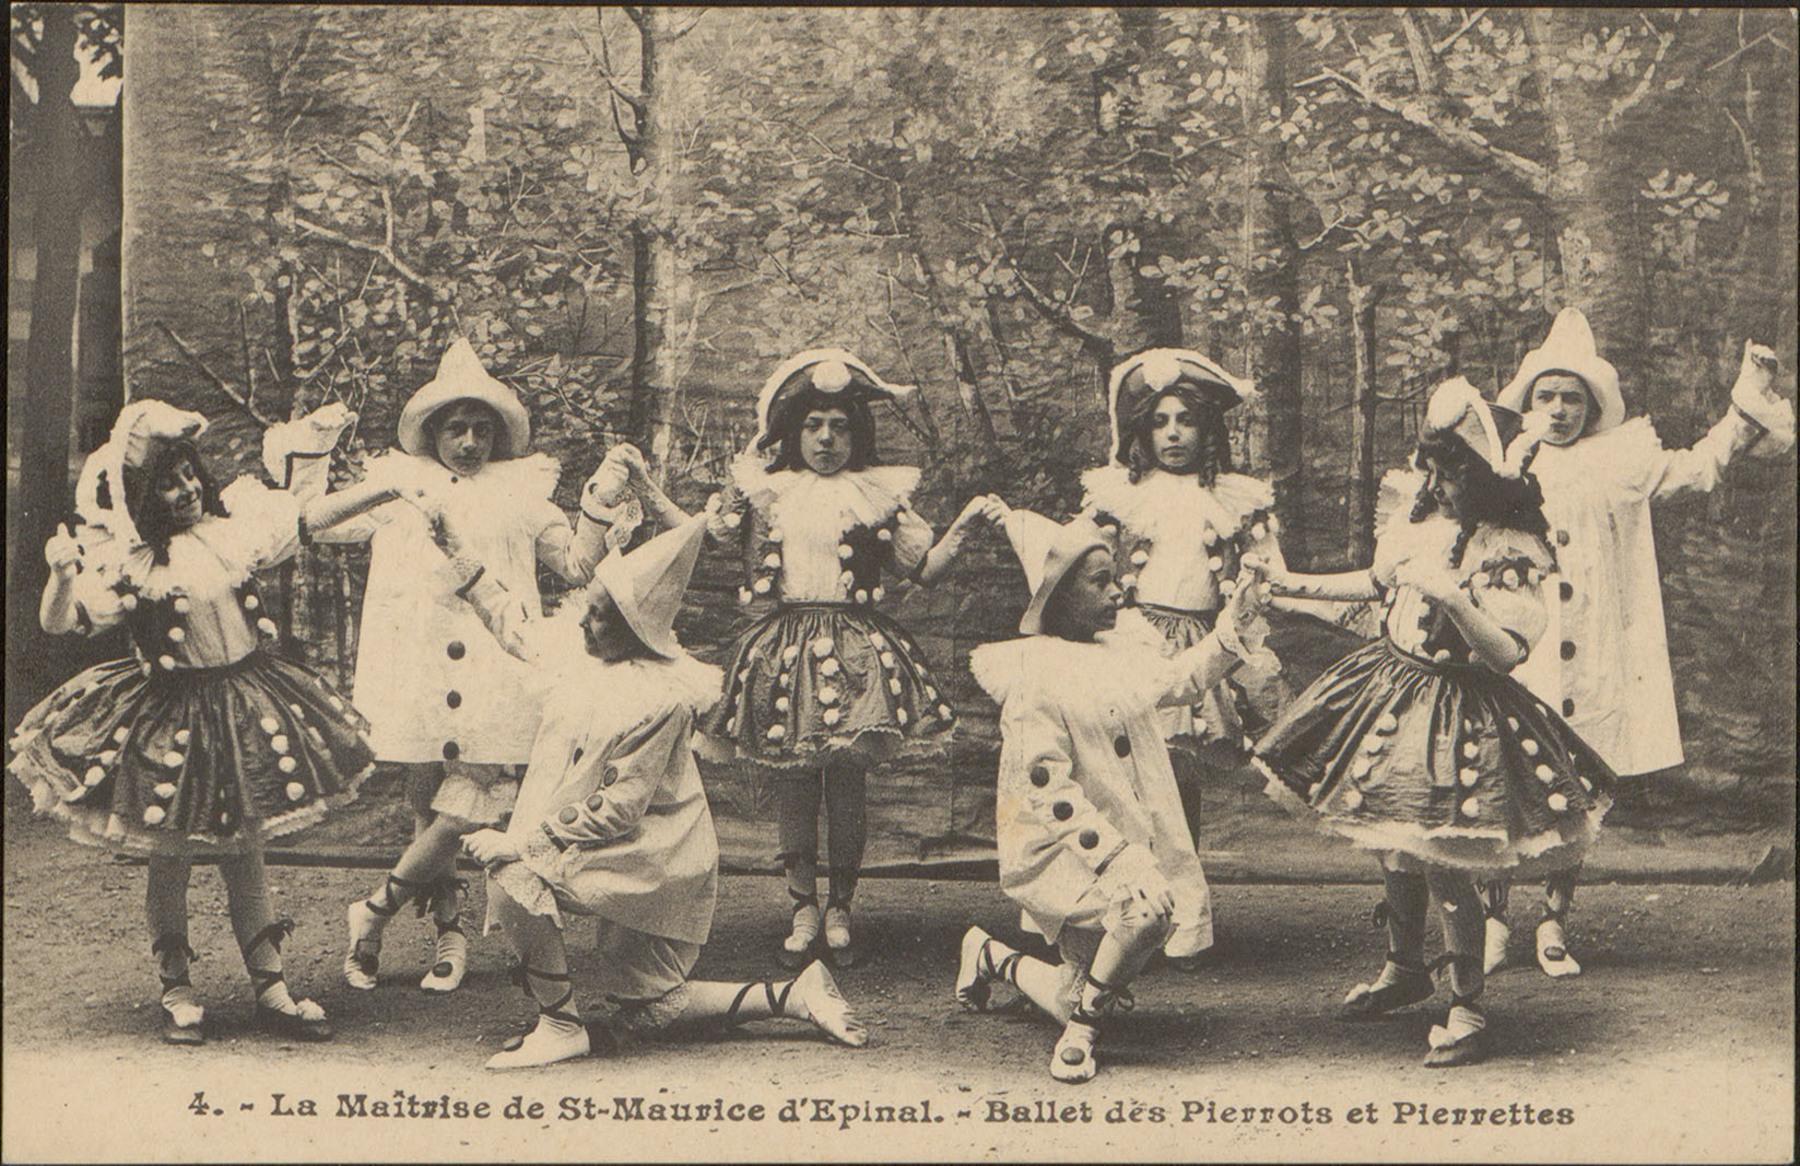 Contenu du La Maîtrise de St-Maurice d'Épinal